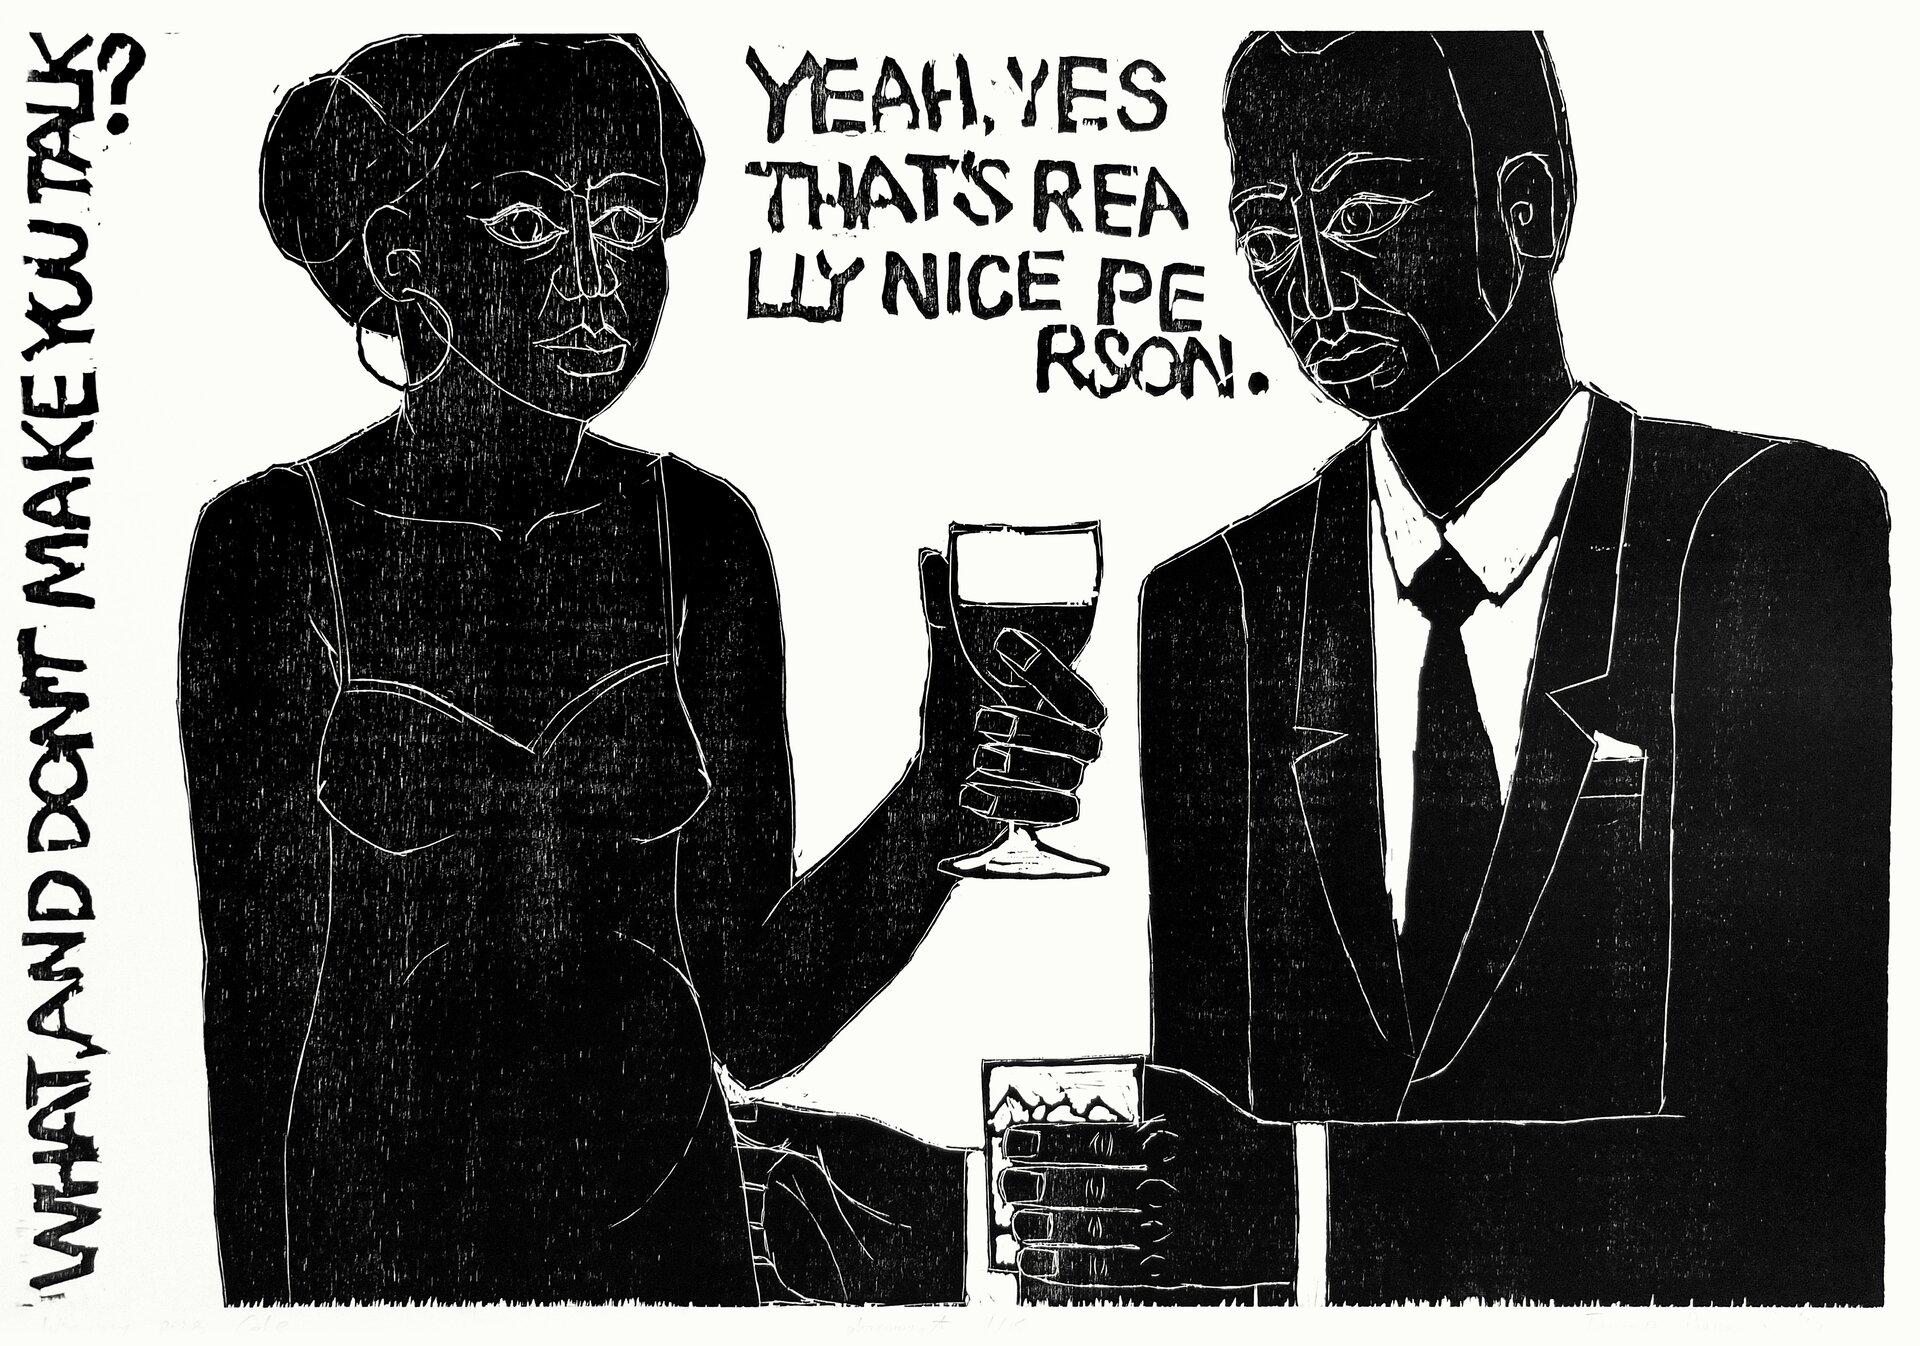 Czarno - biała ilustracja przedstawiająca kobietę imężczyznę, który są zwróceni ku sobie. Mężczyzna wręku trzyma szklankę, akobieta kieliszek.